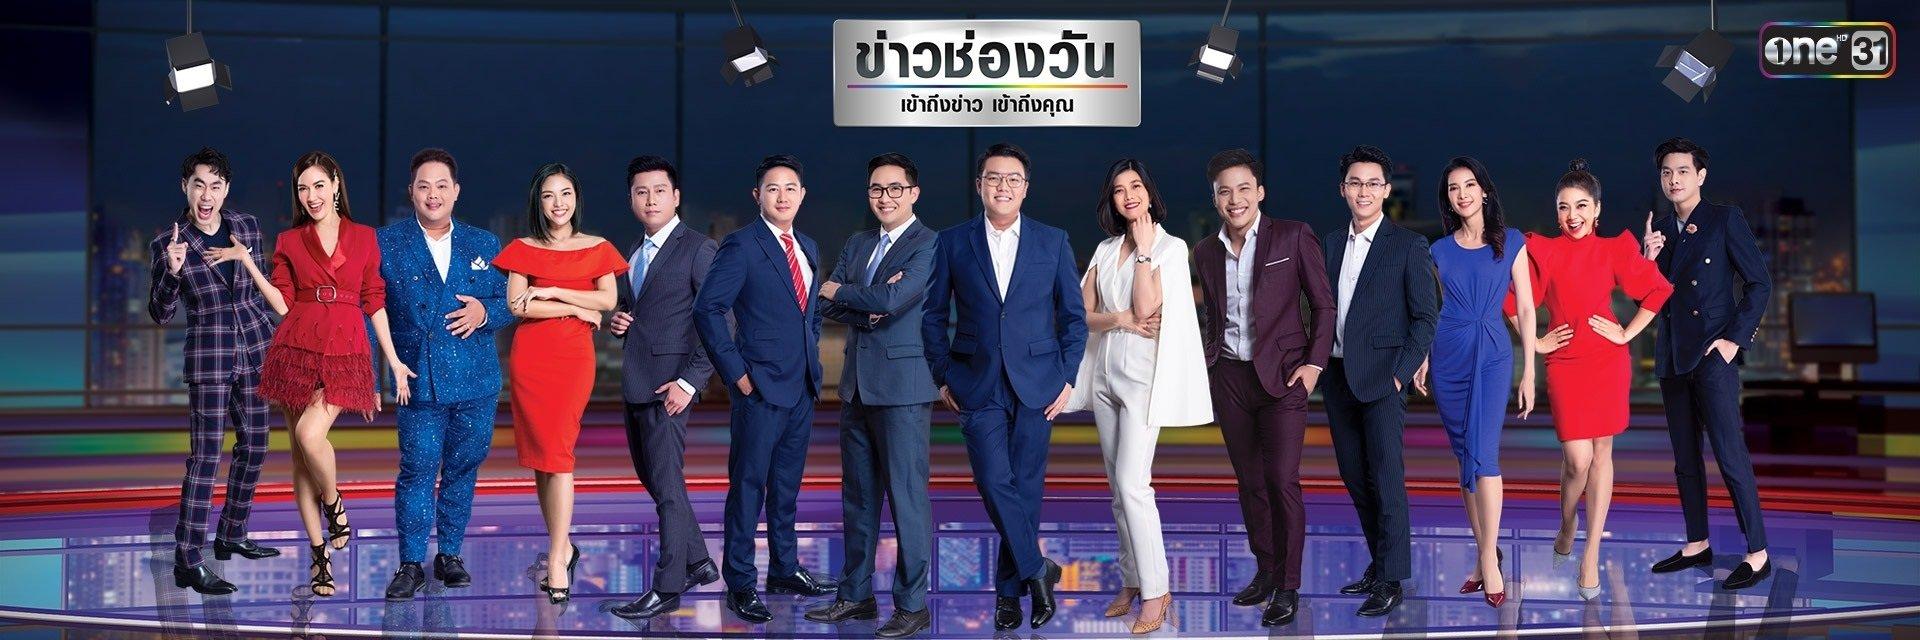 ผู้ประกาศข่าวช่องวัน 2020 (1 Jan 2020)